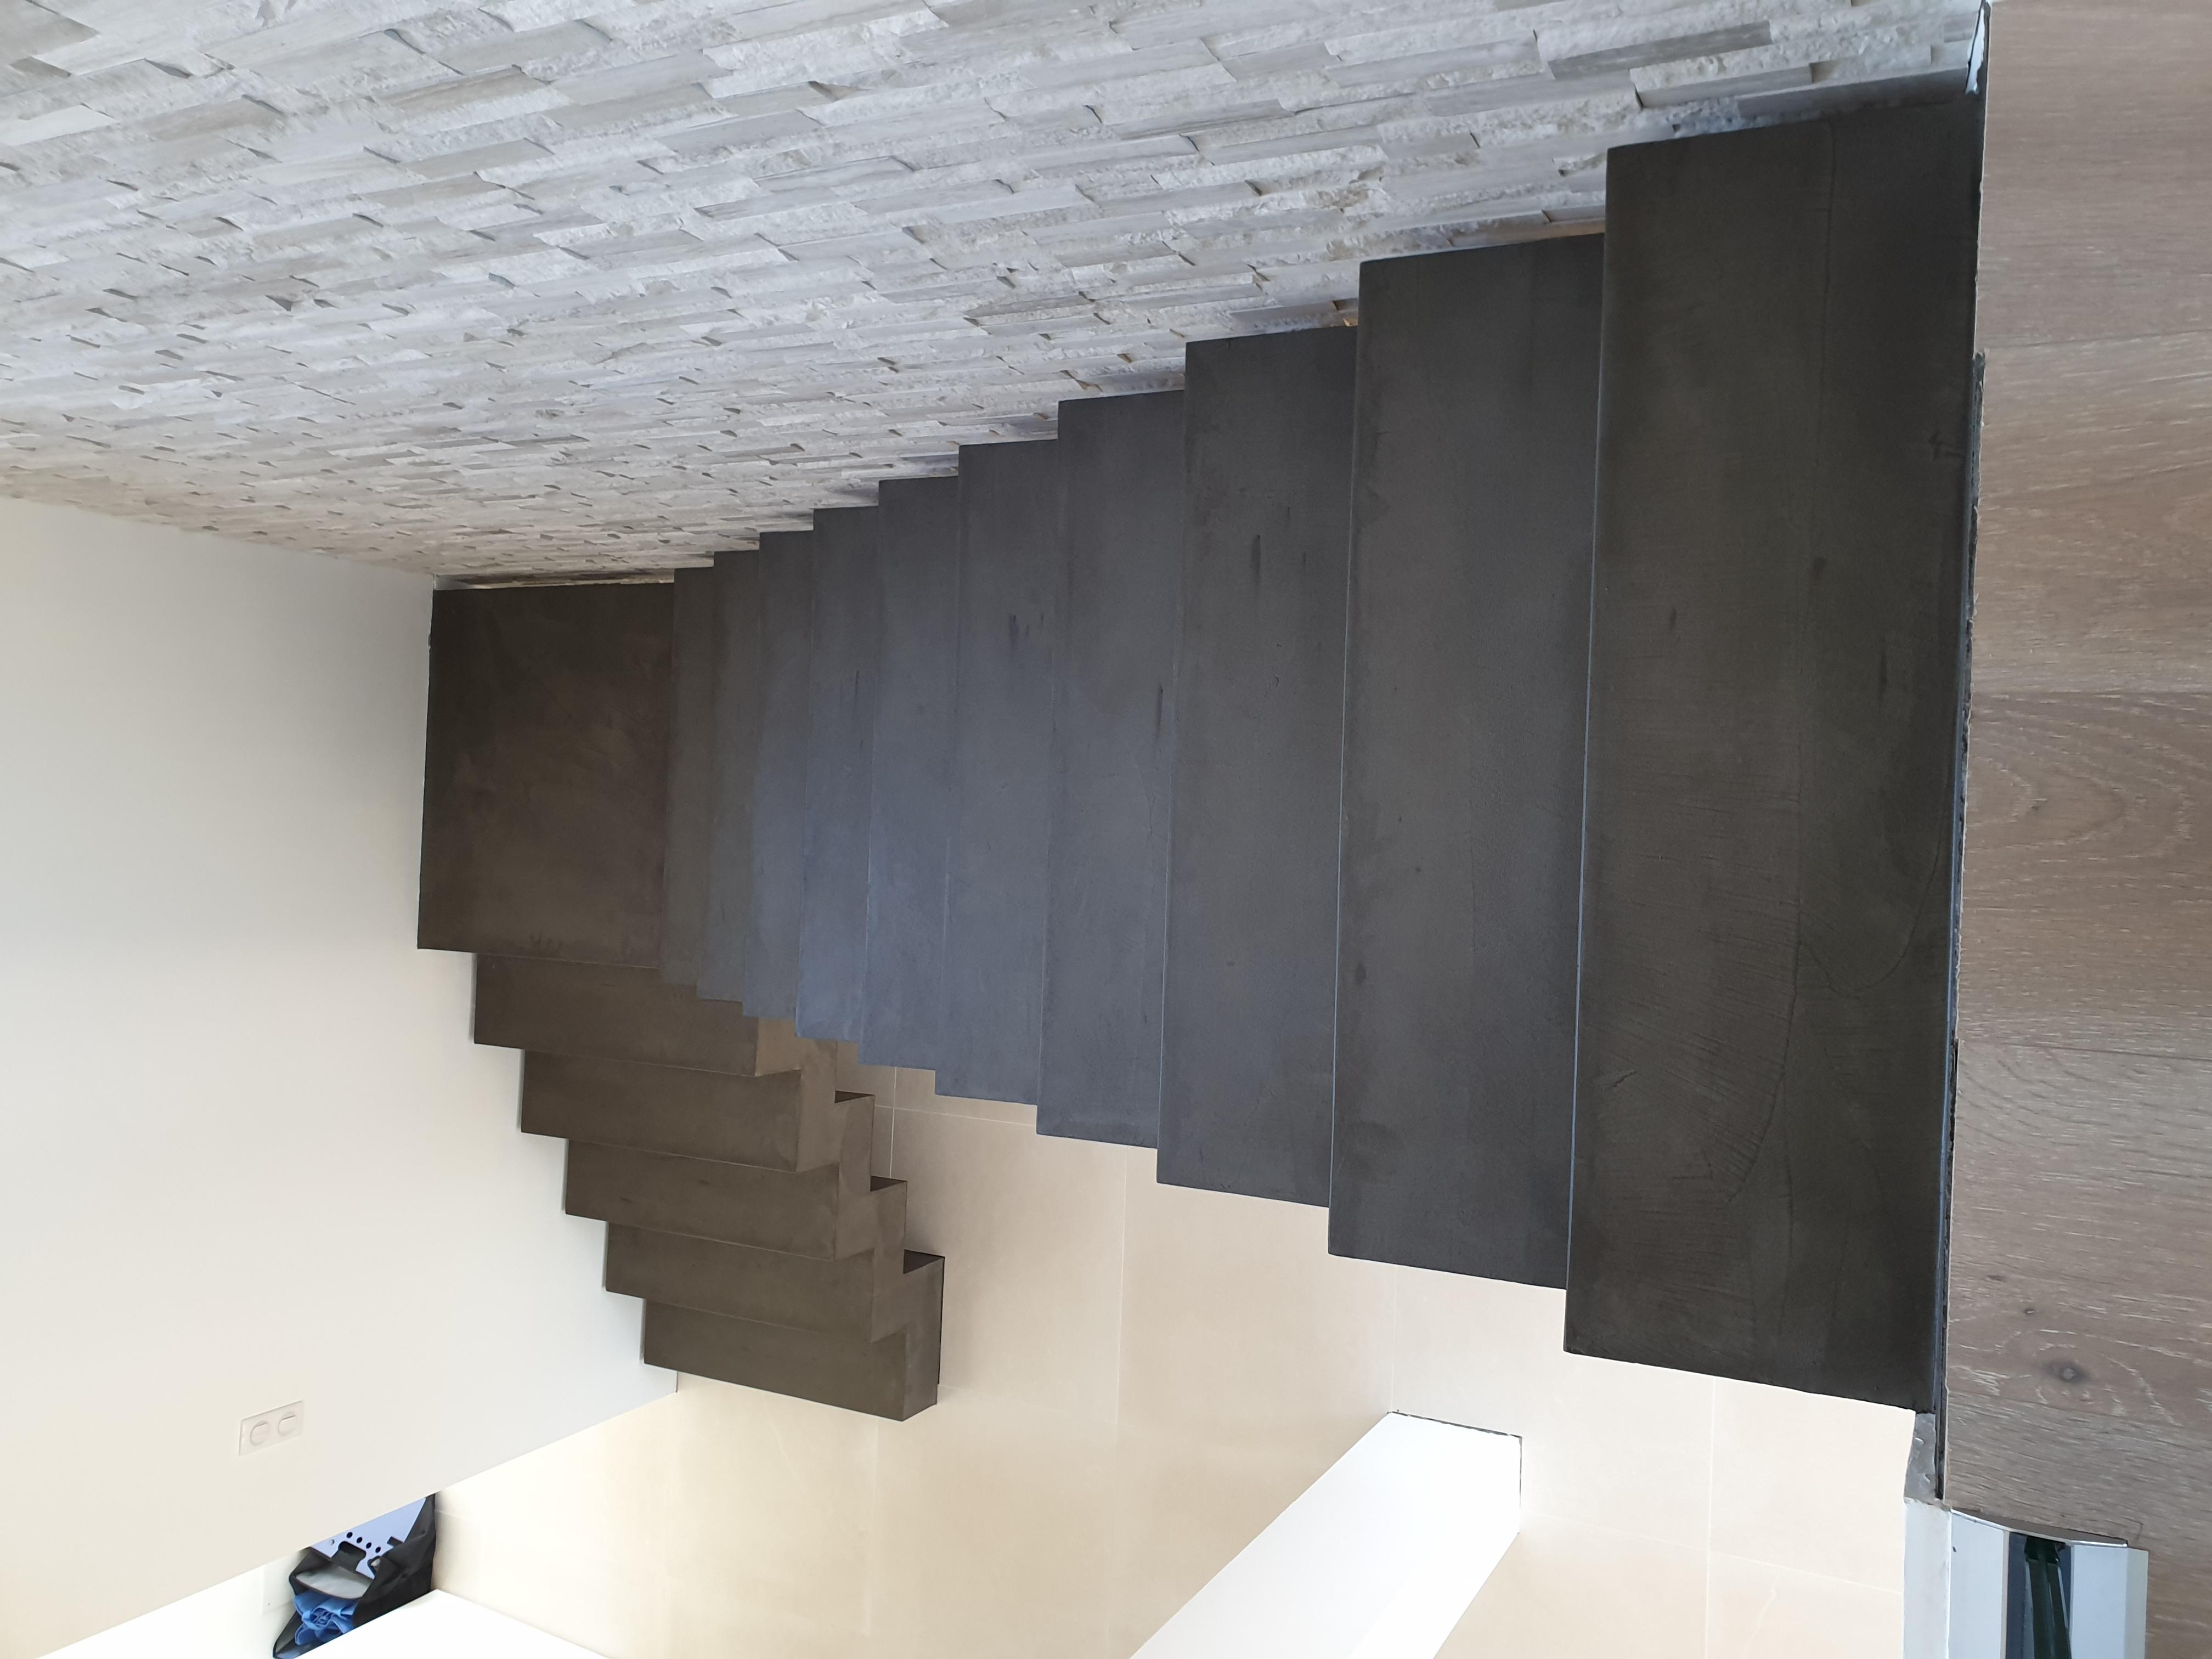 magnifique escalier crémaillère avec palier intermédiaire en béton ciré couleur nubuck à Froeningen pour un particulier